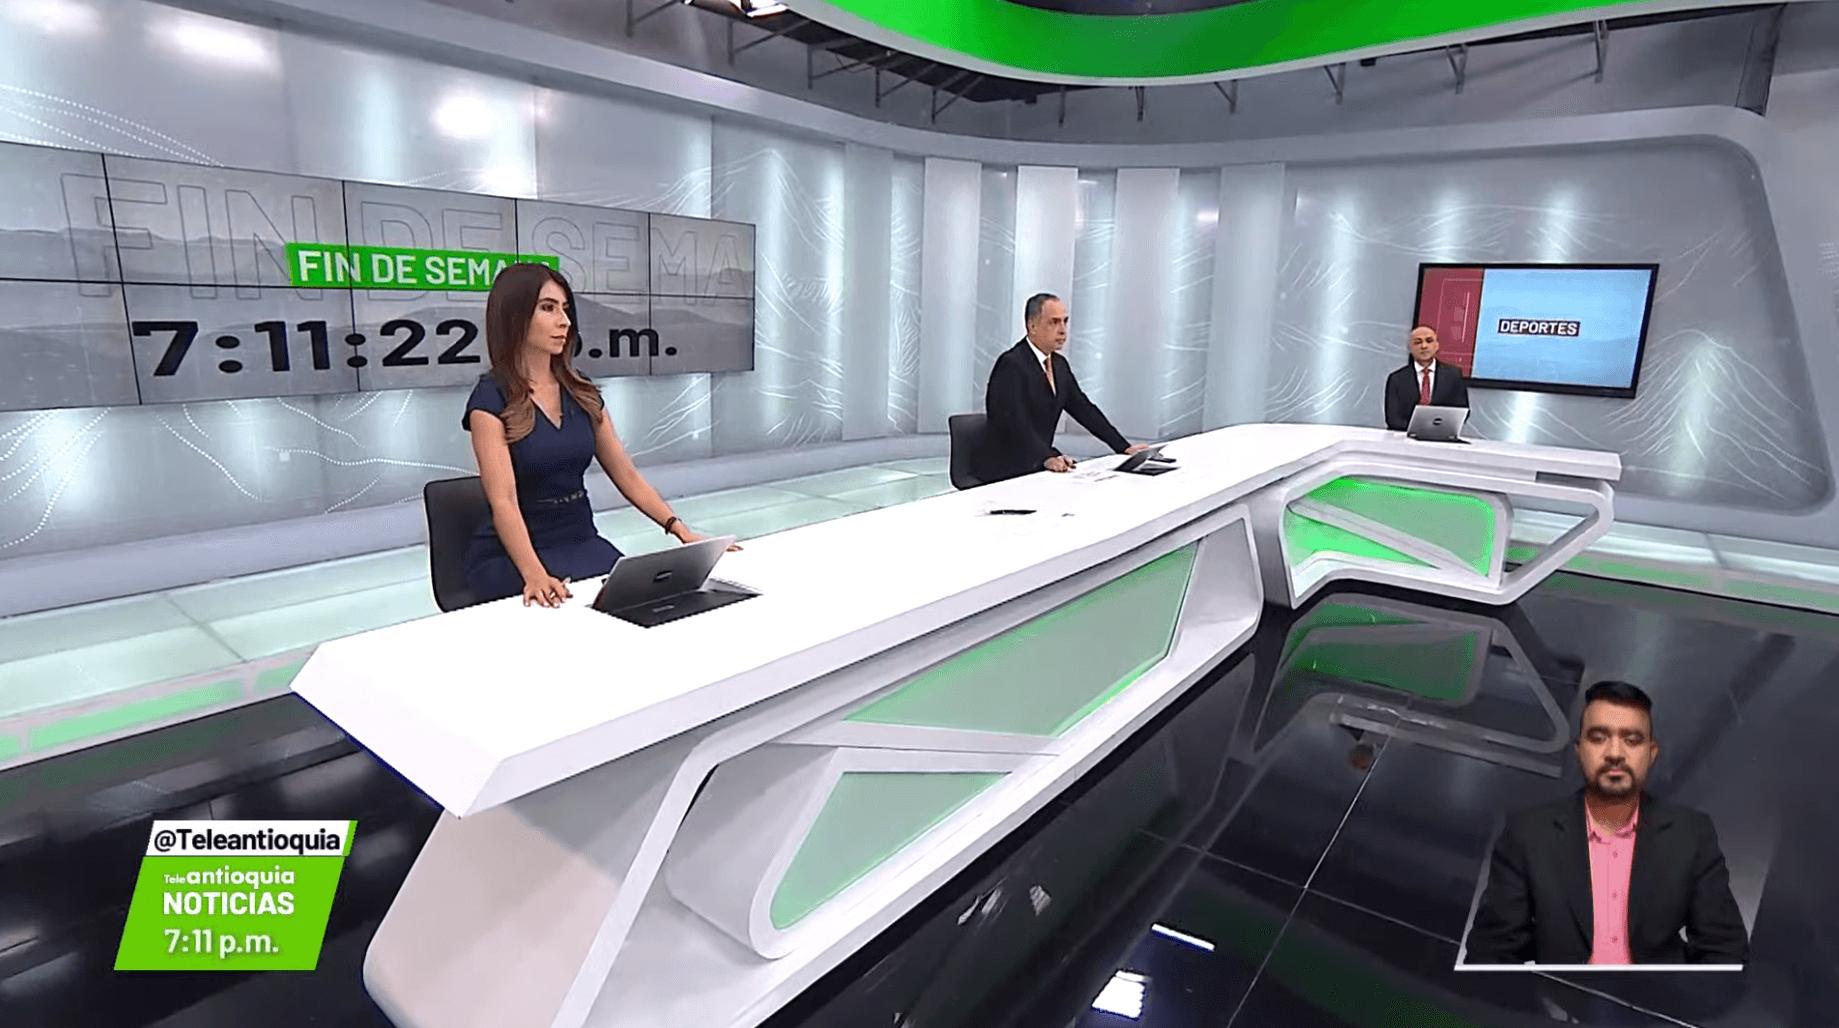 Teleantioquia Noticias – viernes 02 de abril de 2021 noche